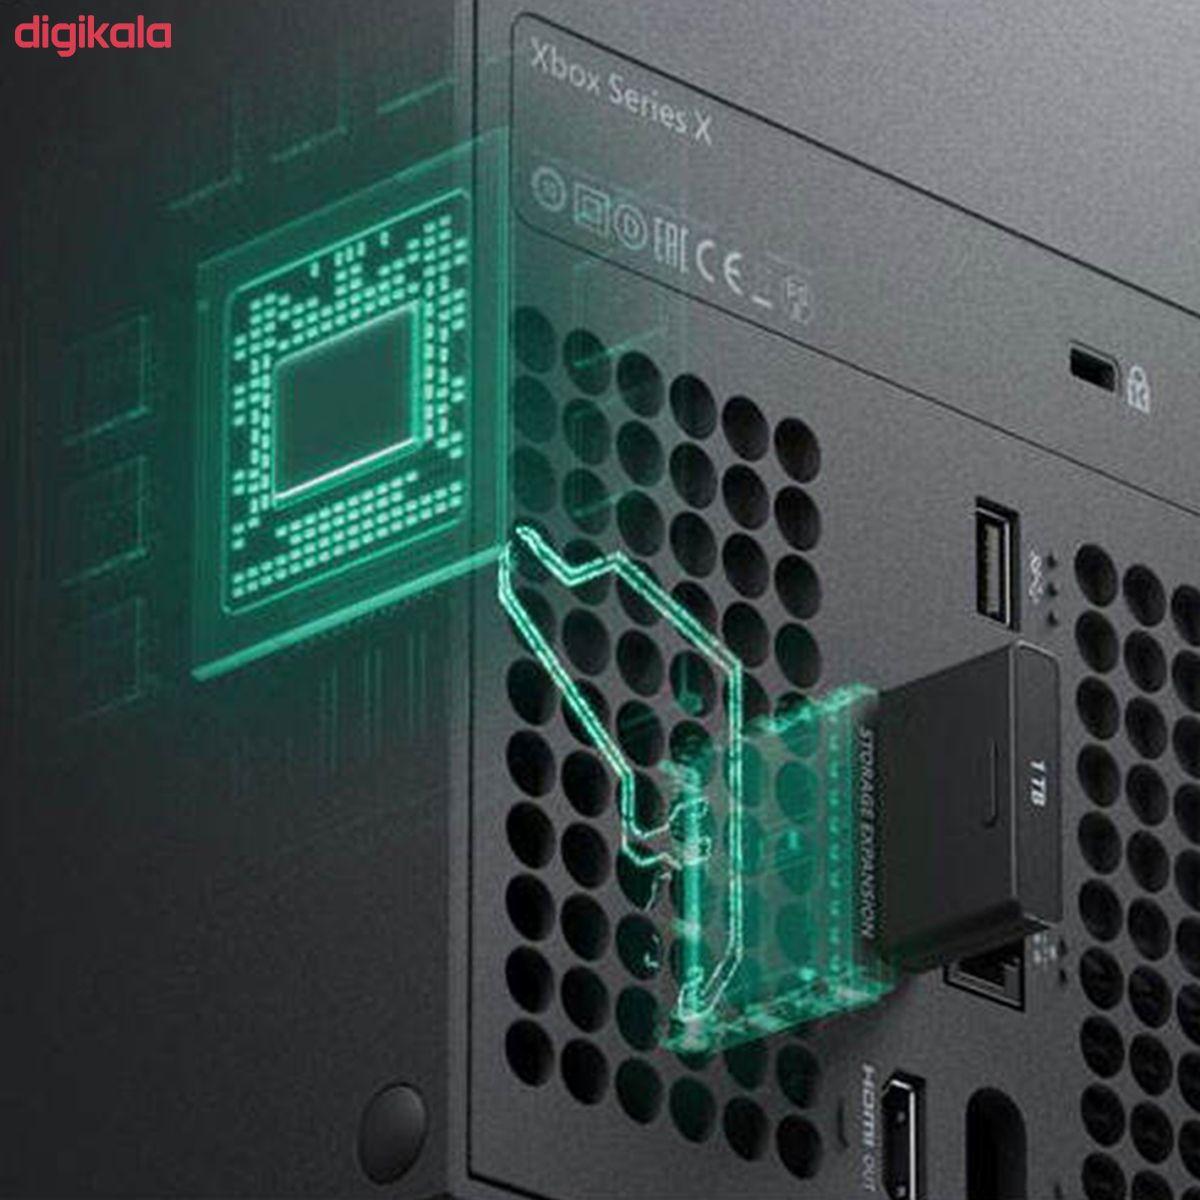 مجموعه کنسول بازی مایکروسافت مدل Xbox Series X ظرفیت 1 ترابایت main 1 9